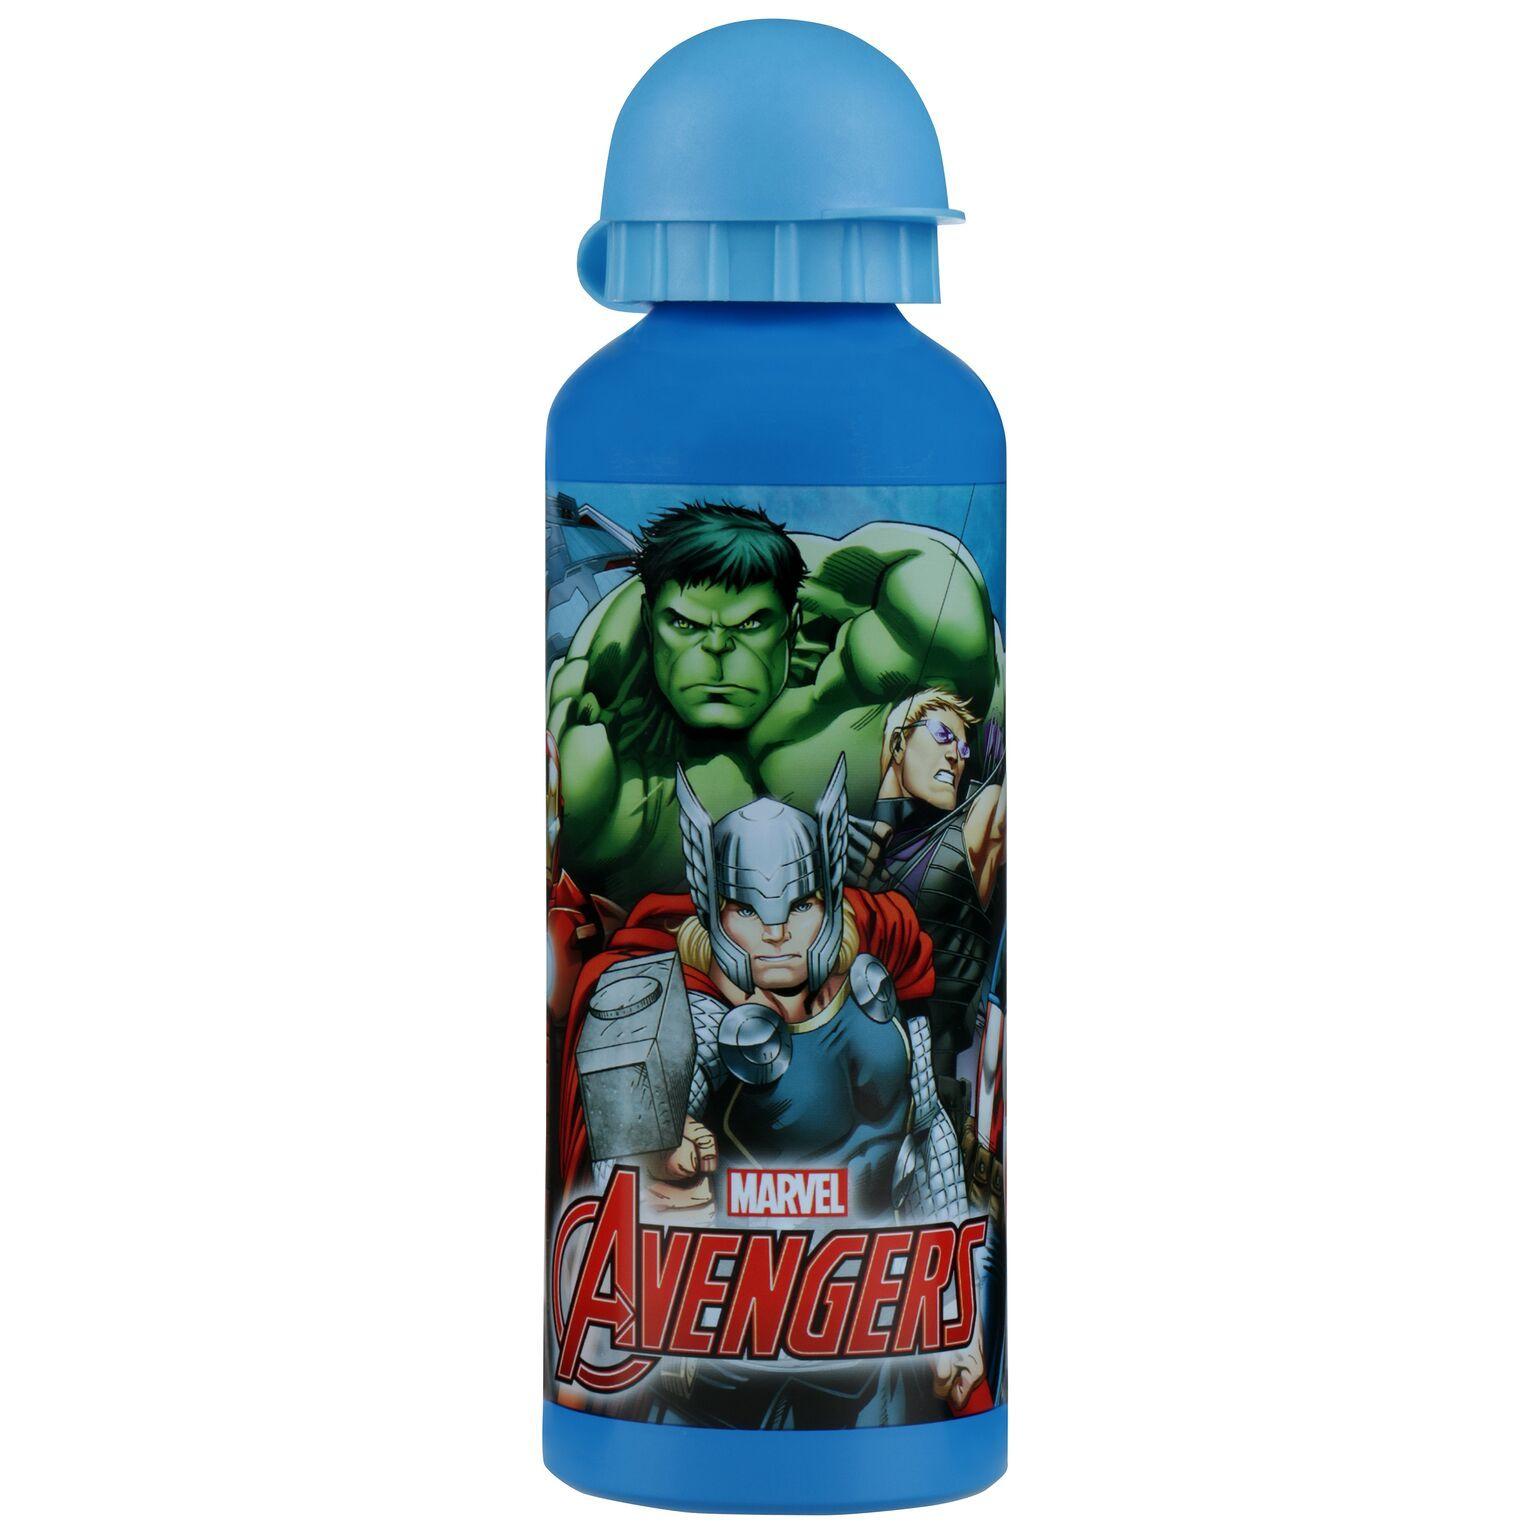 Marvel Avengers Aluminium Bottle (500ml) image